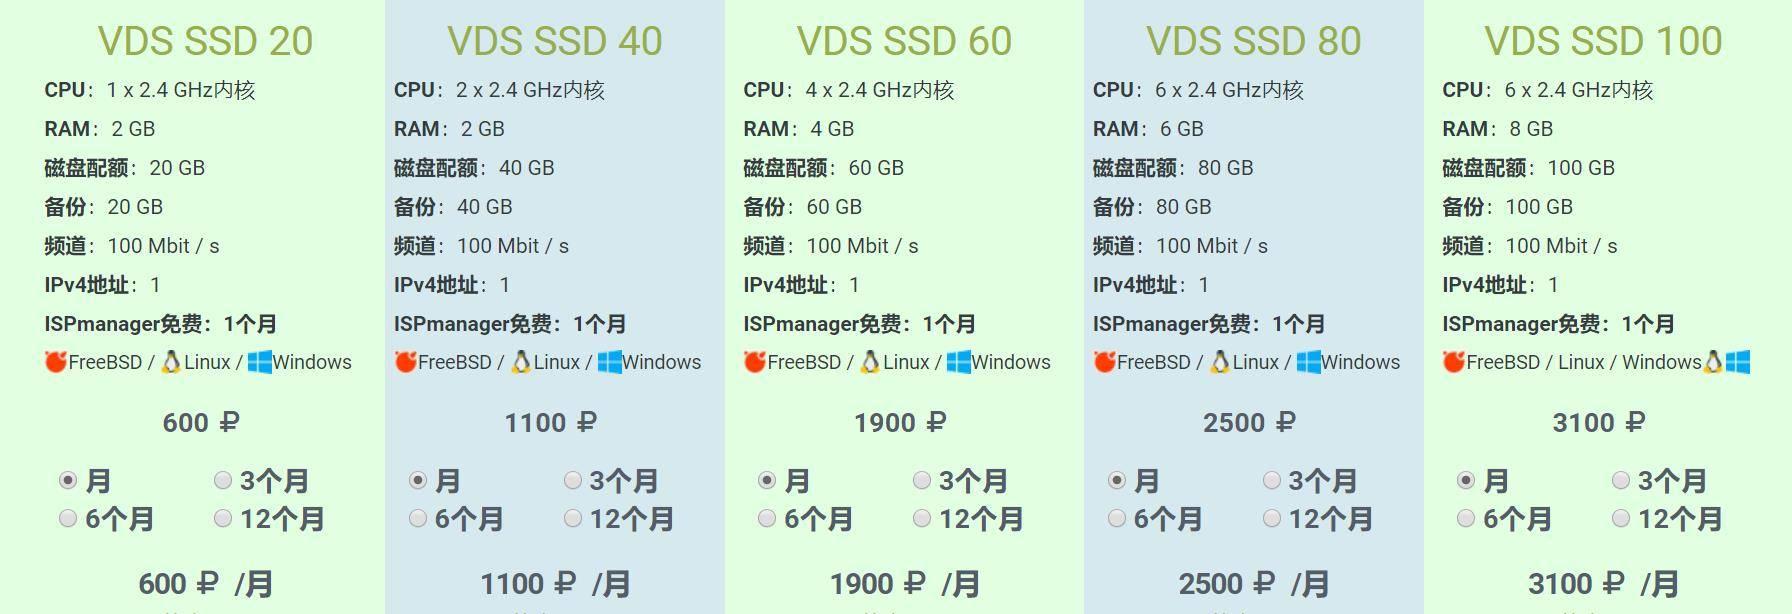 羊毛党之家 真是渣渣-webhost1:$9.6/月/2GB内存/20GB SSD空间/不限流量/100Mbps/DDOS/KVM/俄罗斯